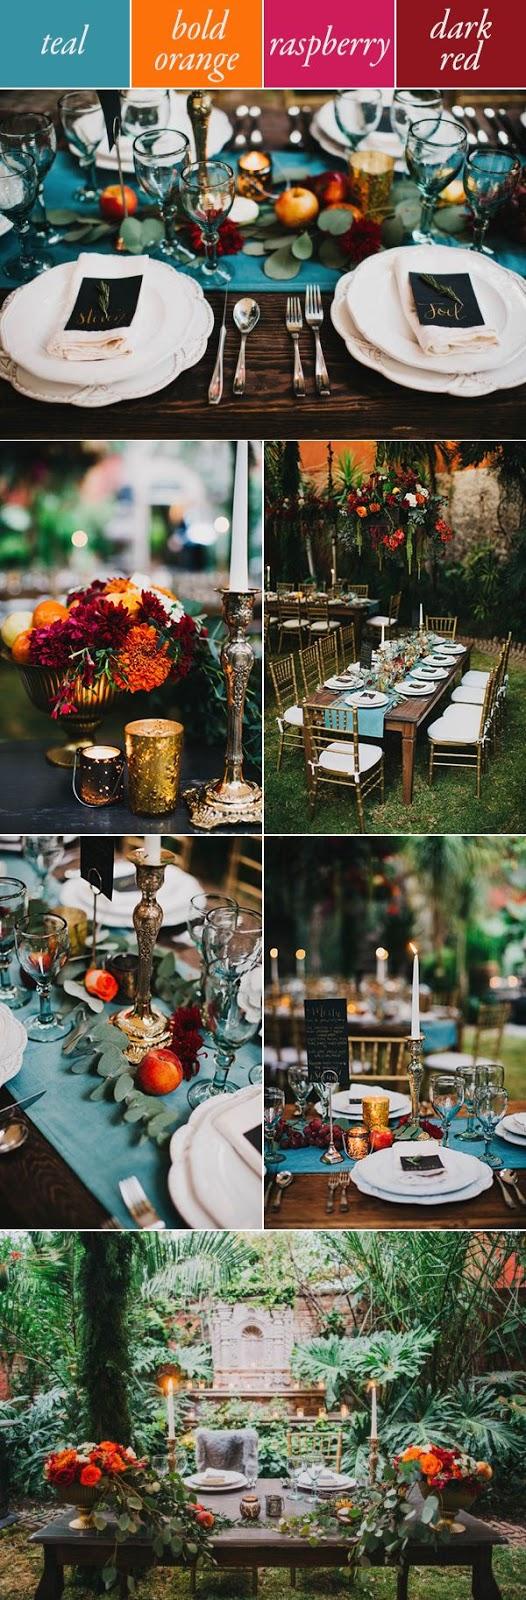 Jesienne wesele, Jesienny ślub, jesień, organizacja wesela na jesień, Ślub i wesele jesienią, Ślub w Ogrodzie, wesele w dworku, wesele w stodole, Wybór miejsca na ślub i wesele jesienią